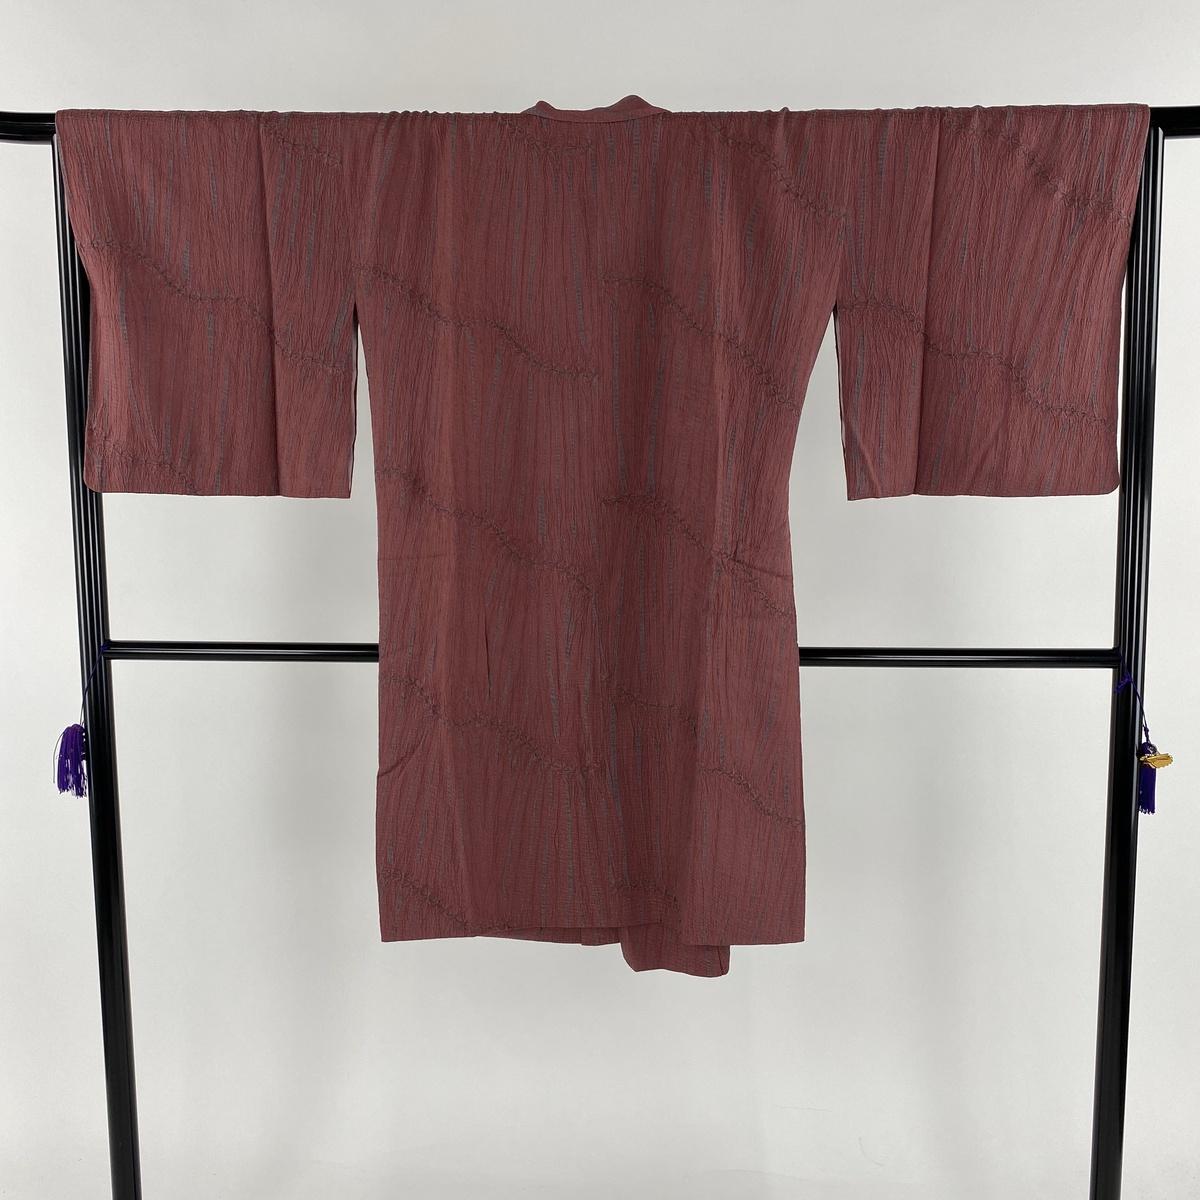 道中着 美品 名品 和装コート 幾何学模様 絞り 赤紫 身丈103.5cm 裄丈67cm M 正絹 【中古】